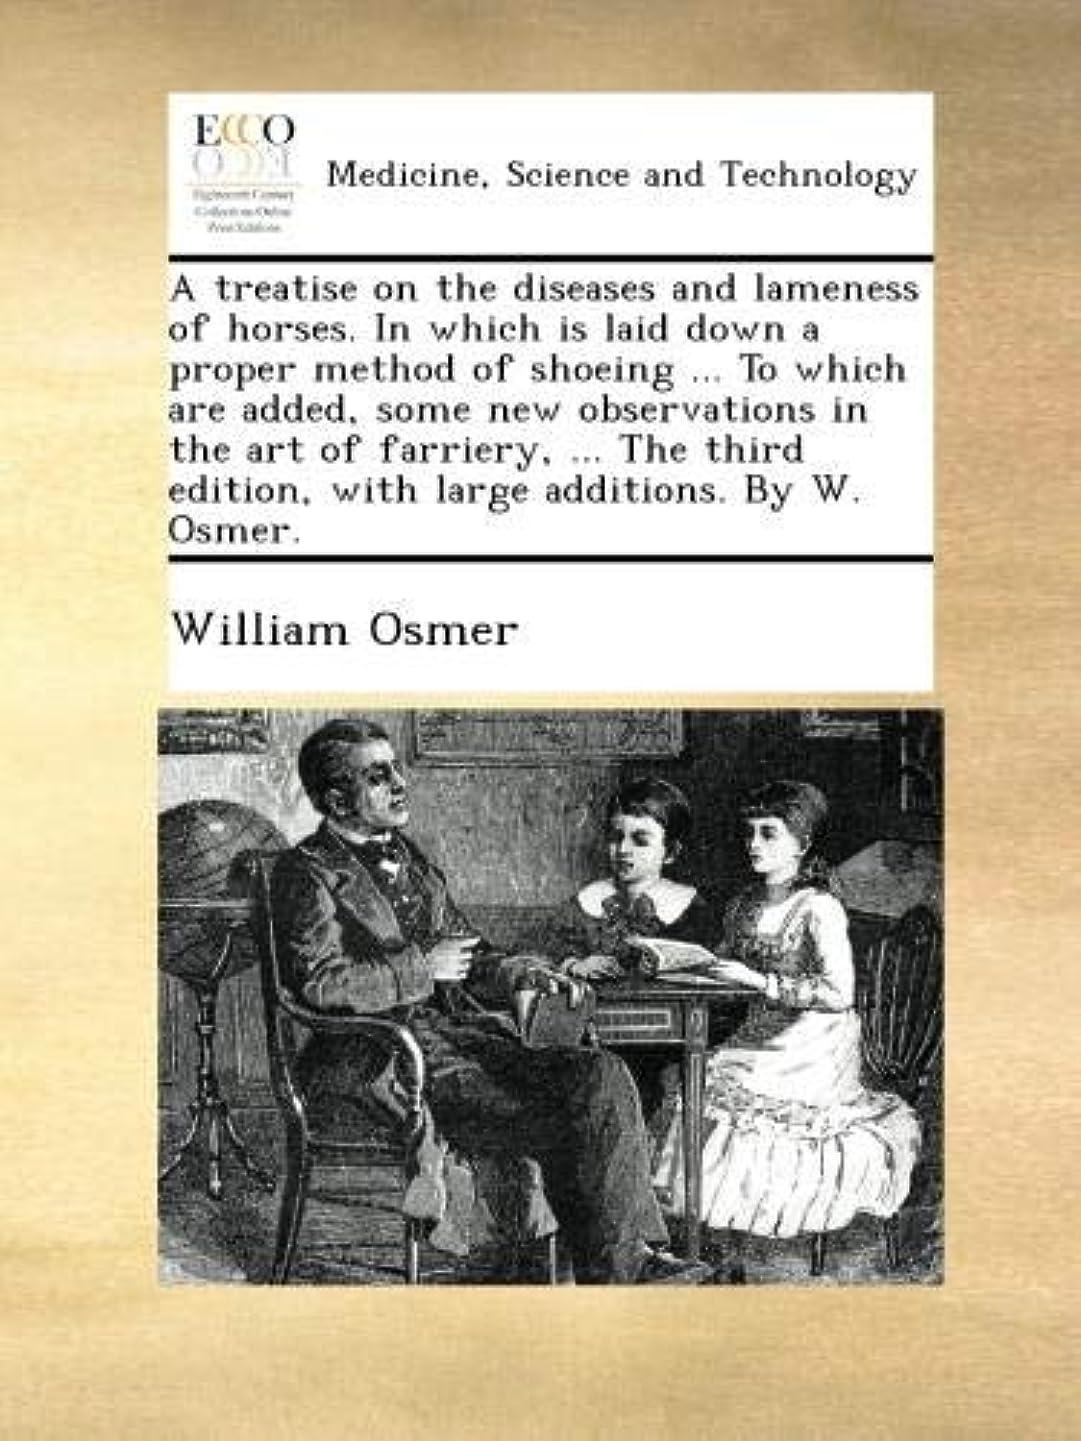 ダンスカフェ嫌がらせA treatise on the diseases and lameness of horses. In which is laid down a proper method of shoeing ... To which are added, some new observations in the art of farriery, ... The third edition, with large additions. By W. Osmer.